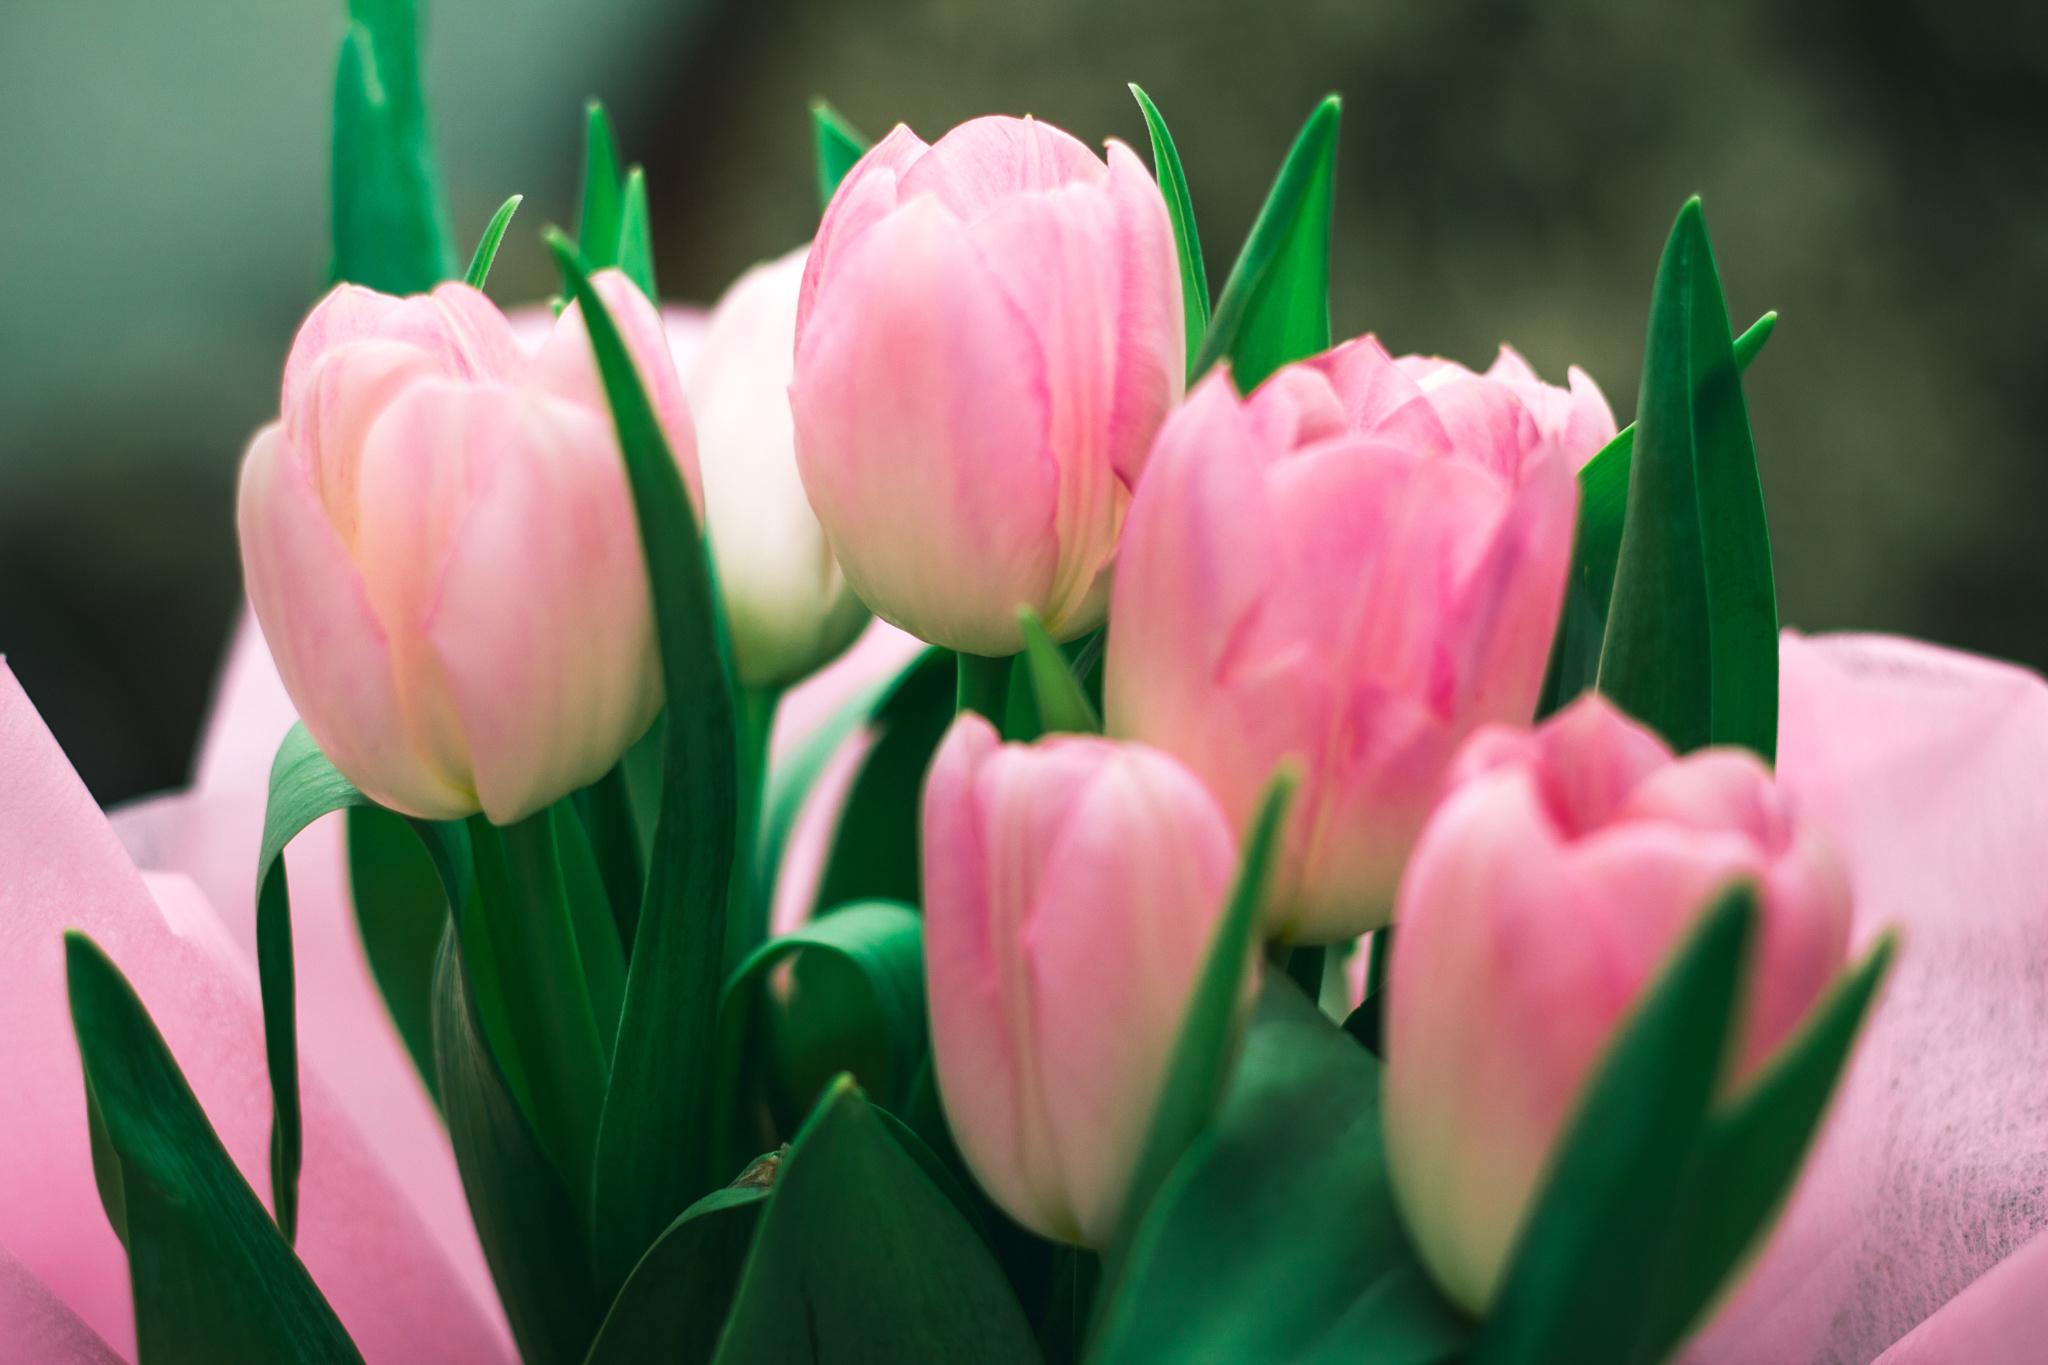 tulip-photo-161